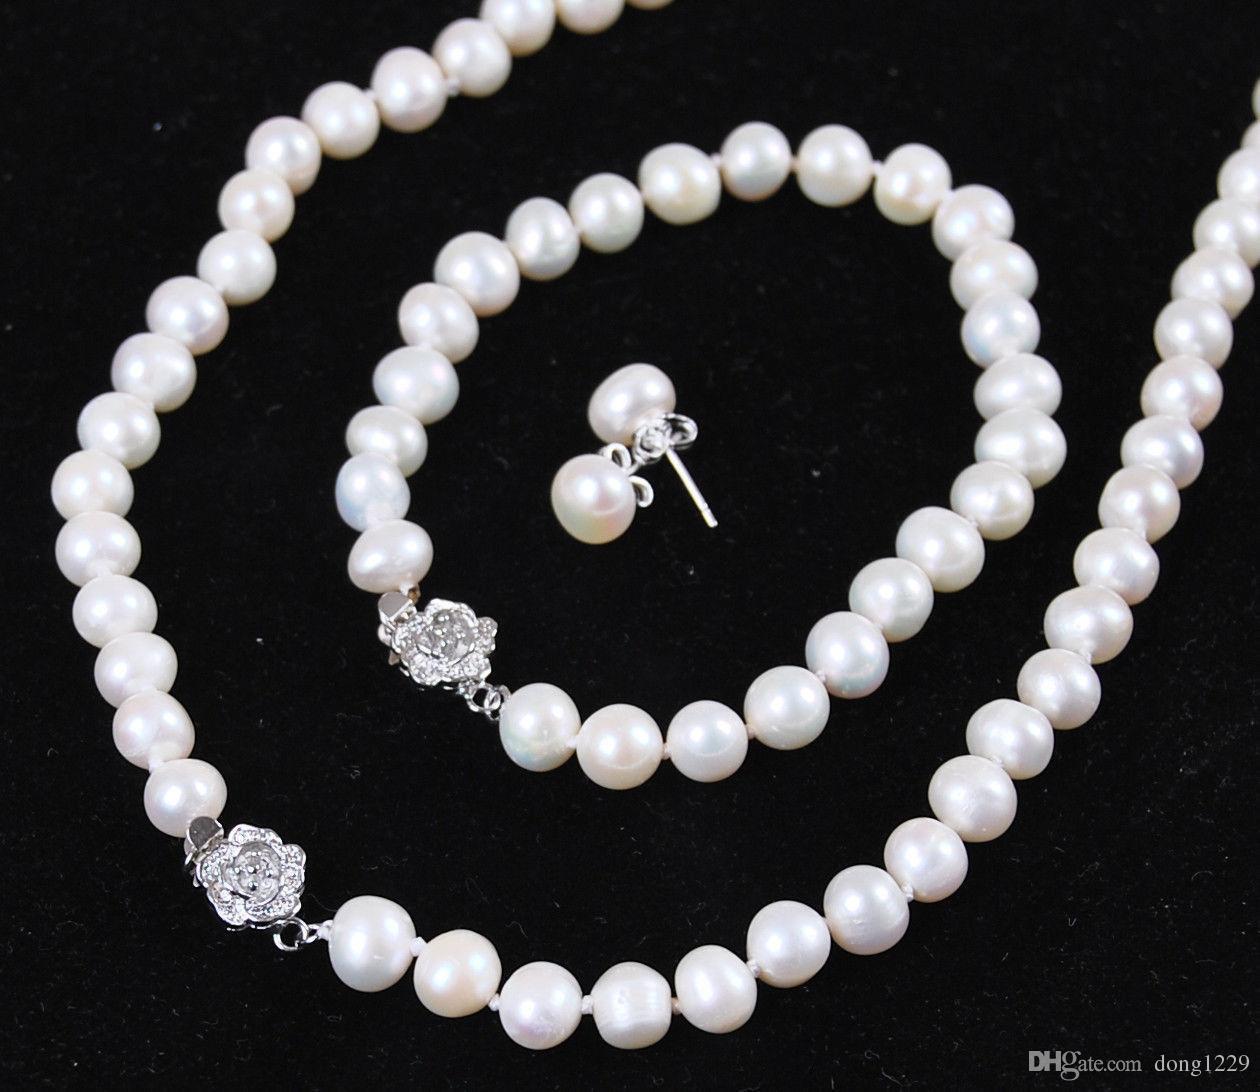 9024db95f1f1 Compre 8 9mm Blanco Akoya Cultivada Joyería De Perlas Pulsera Aretes Collar  Conjunto 18 7.5 A  22.1 Del Dong1229